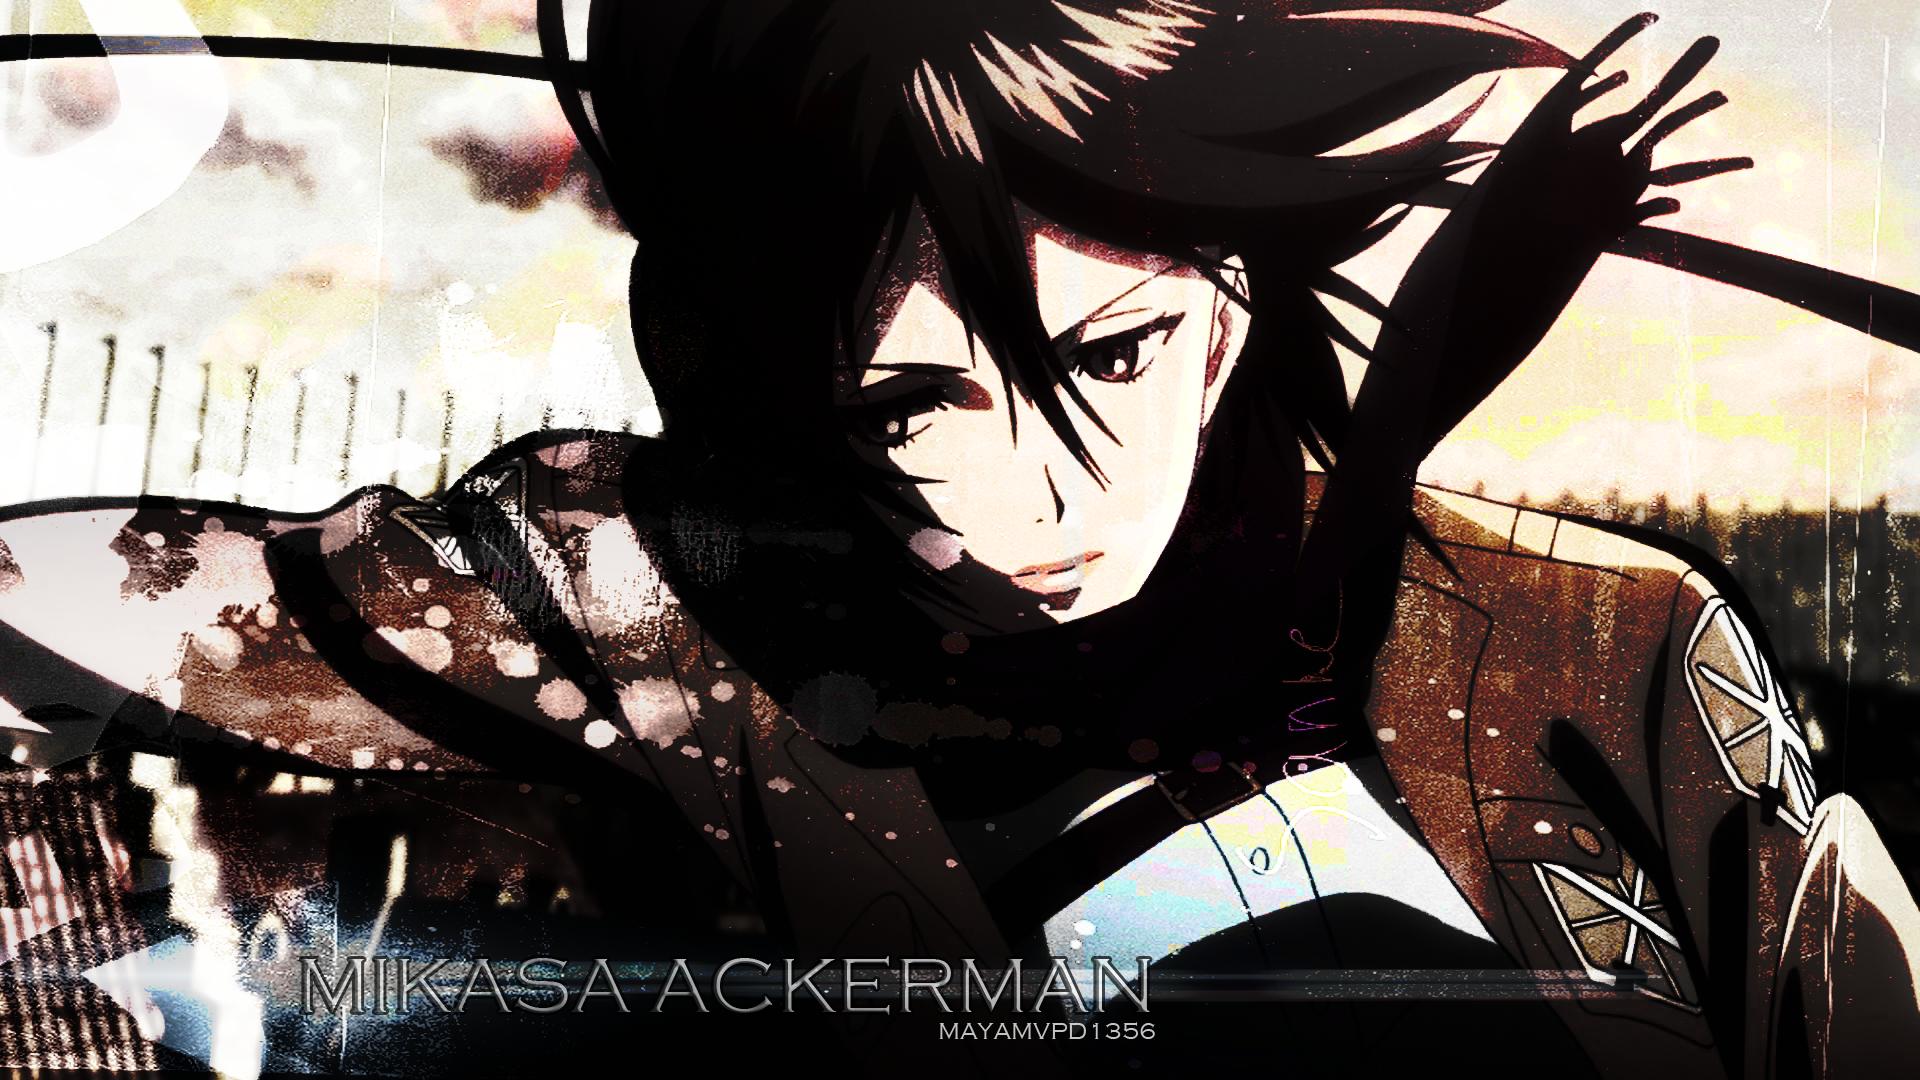 Anime Shingeki No Kyojin Mikasa Ackerman Wallpapers Mikasa Ackerman Hd 473812 Hd Wallpaper Backgrounds Download